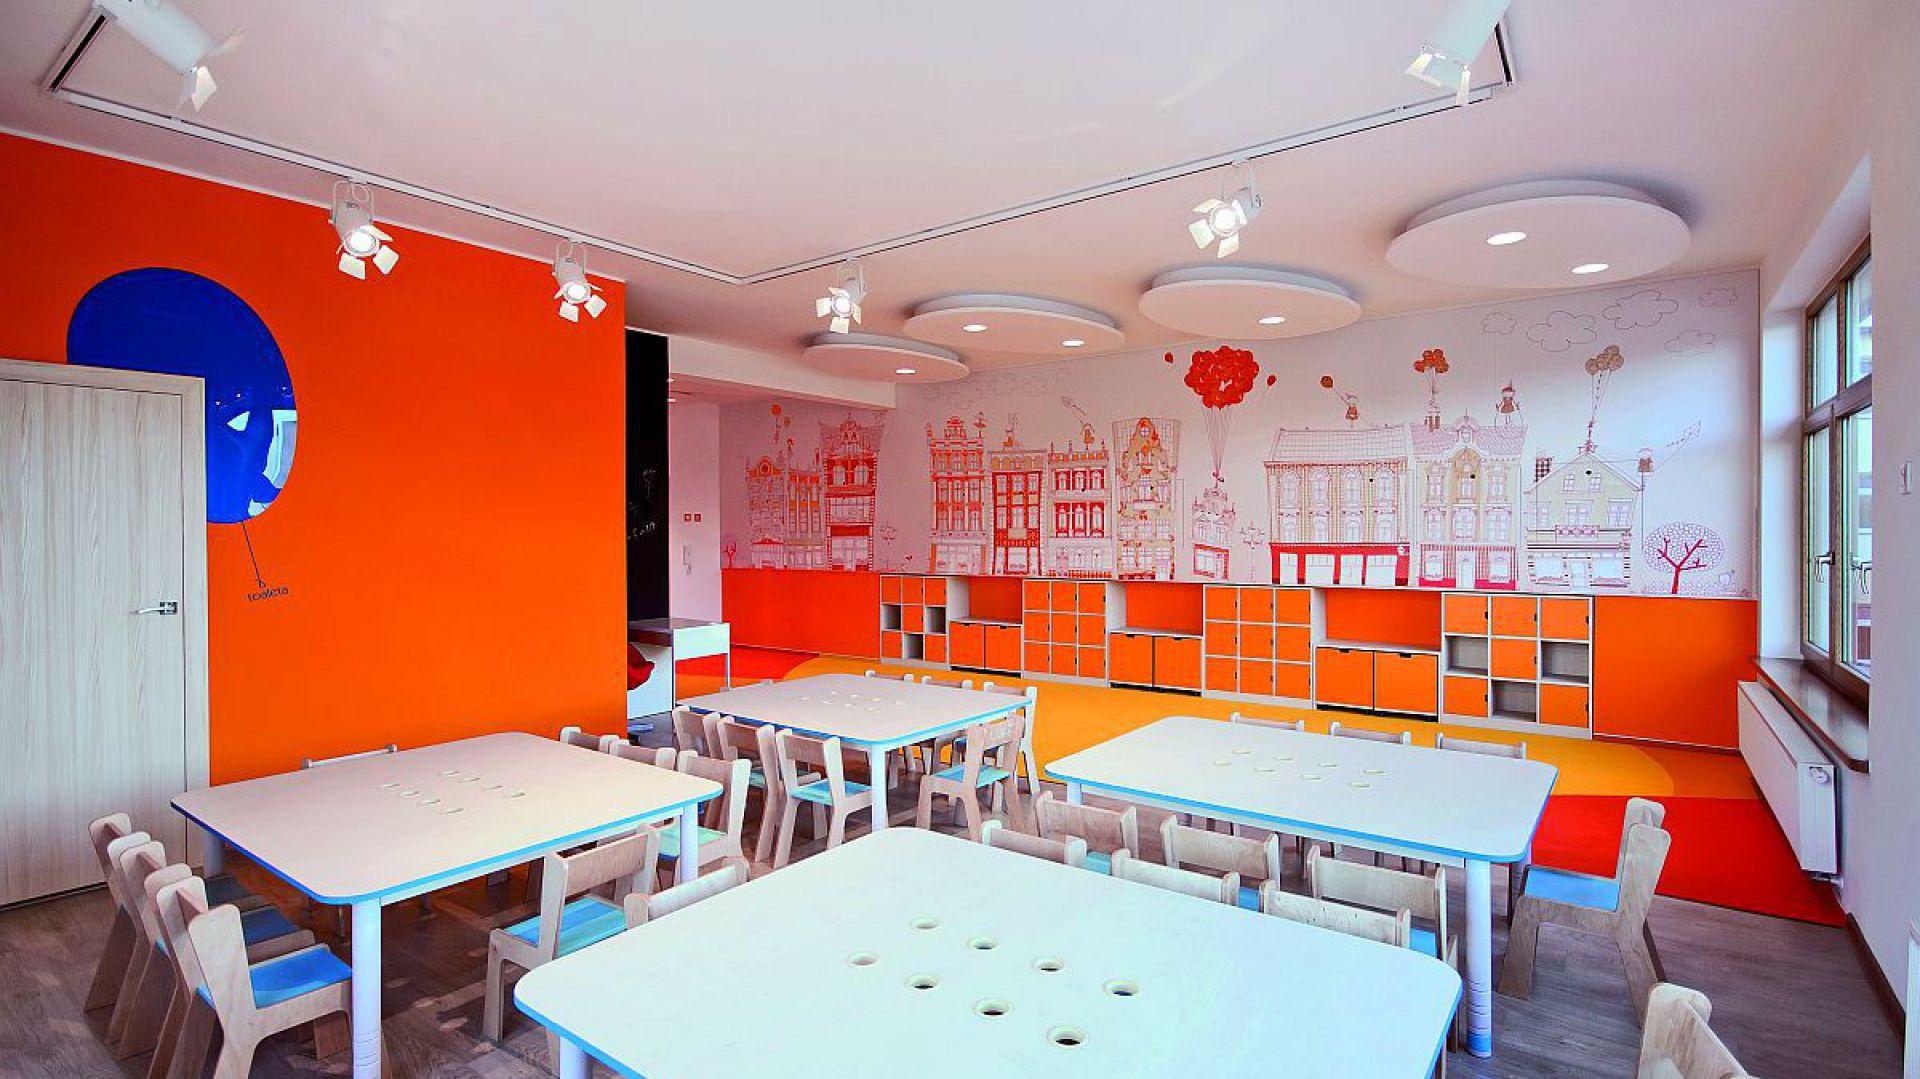 przedszkole Tczew sala dydaktyczna 1.jpg